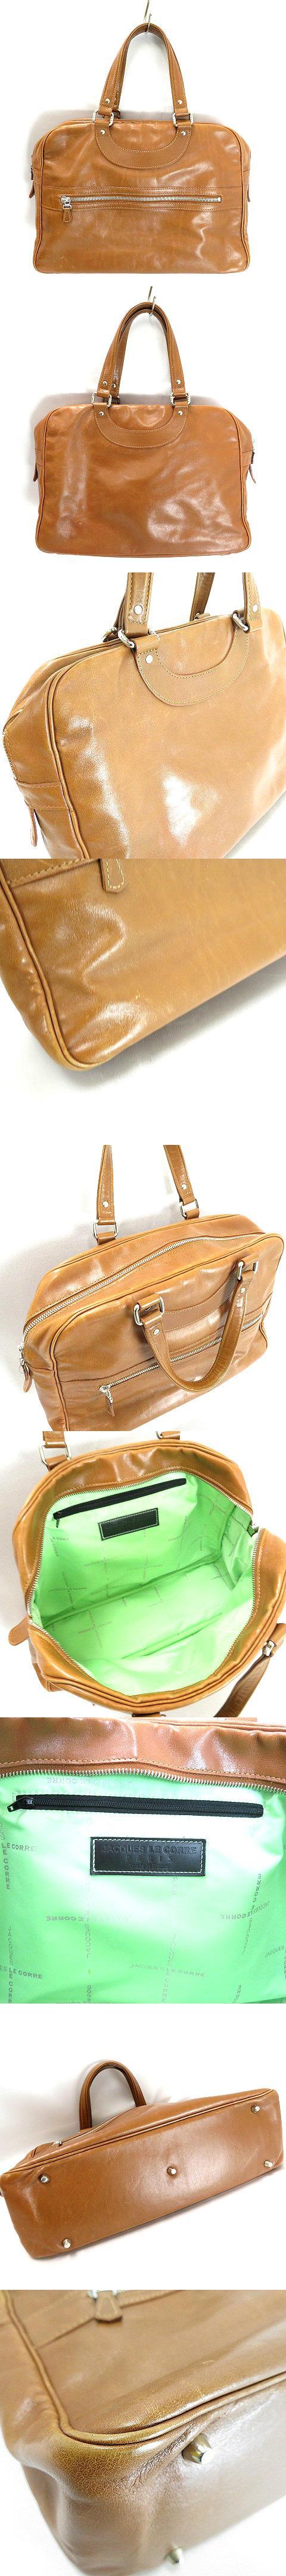 レザー ハンドバッグ 手提げ かばん 茶ライトブラウン バッグ